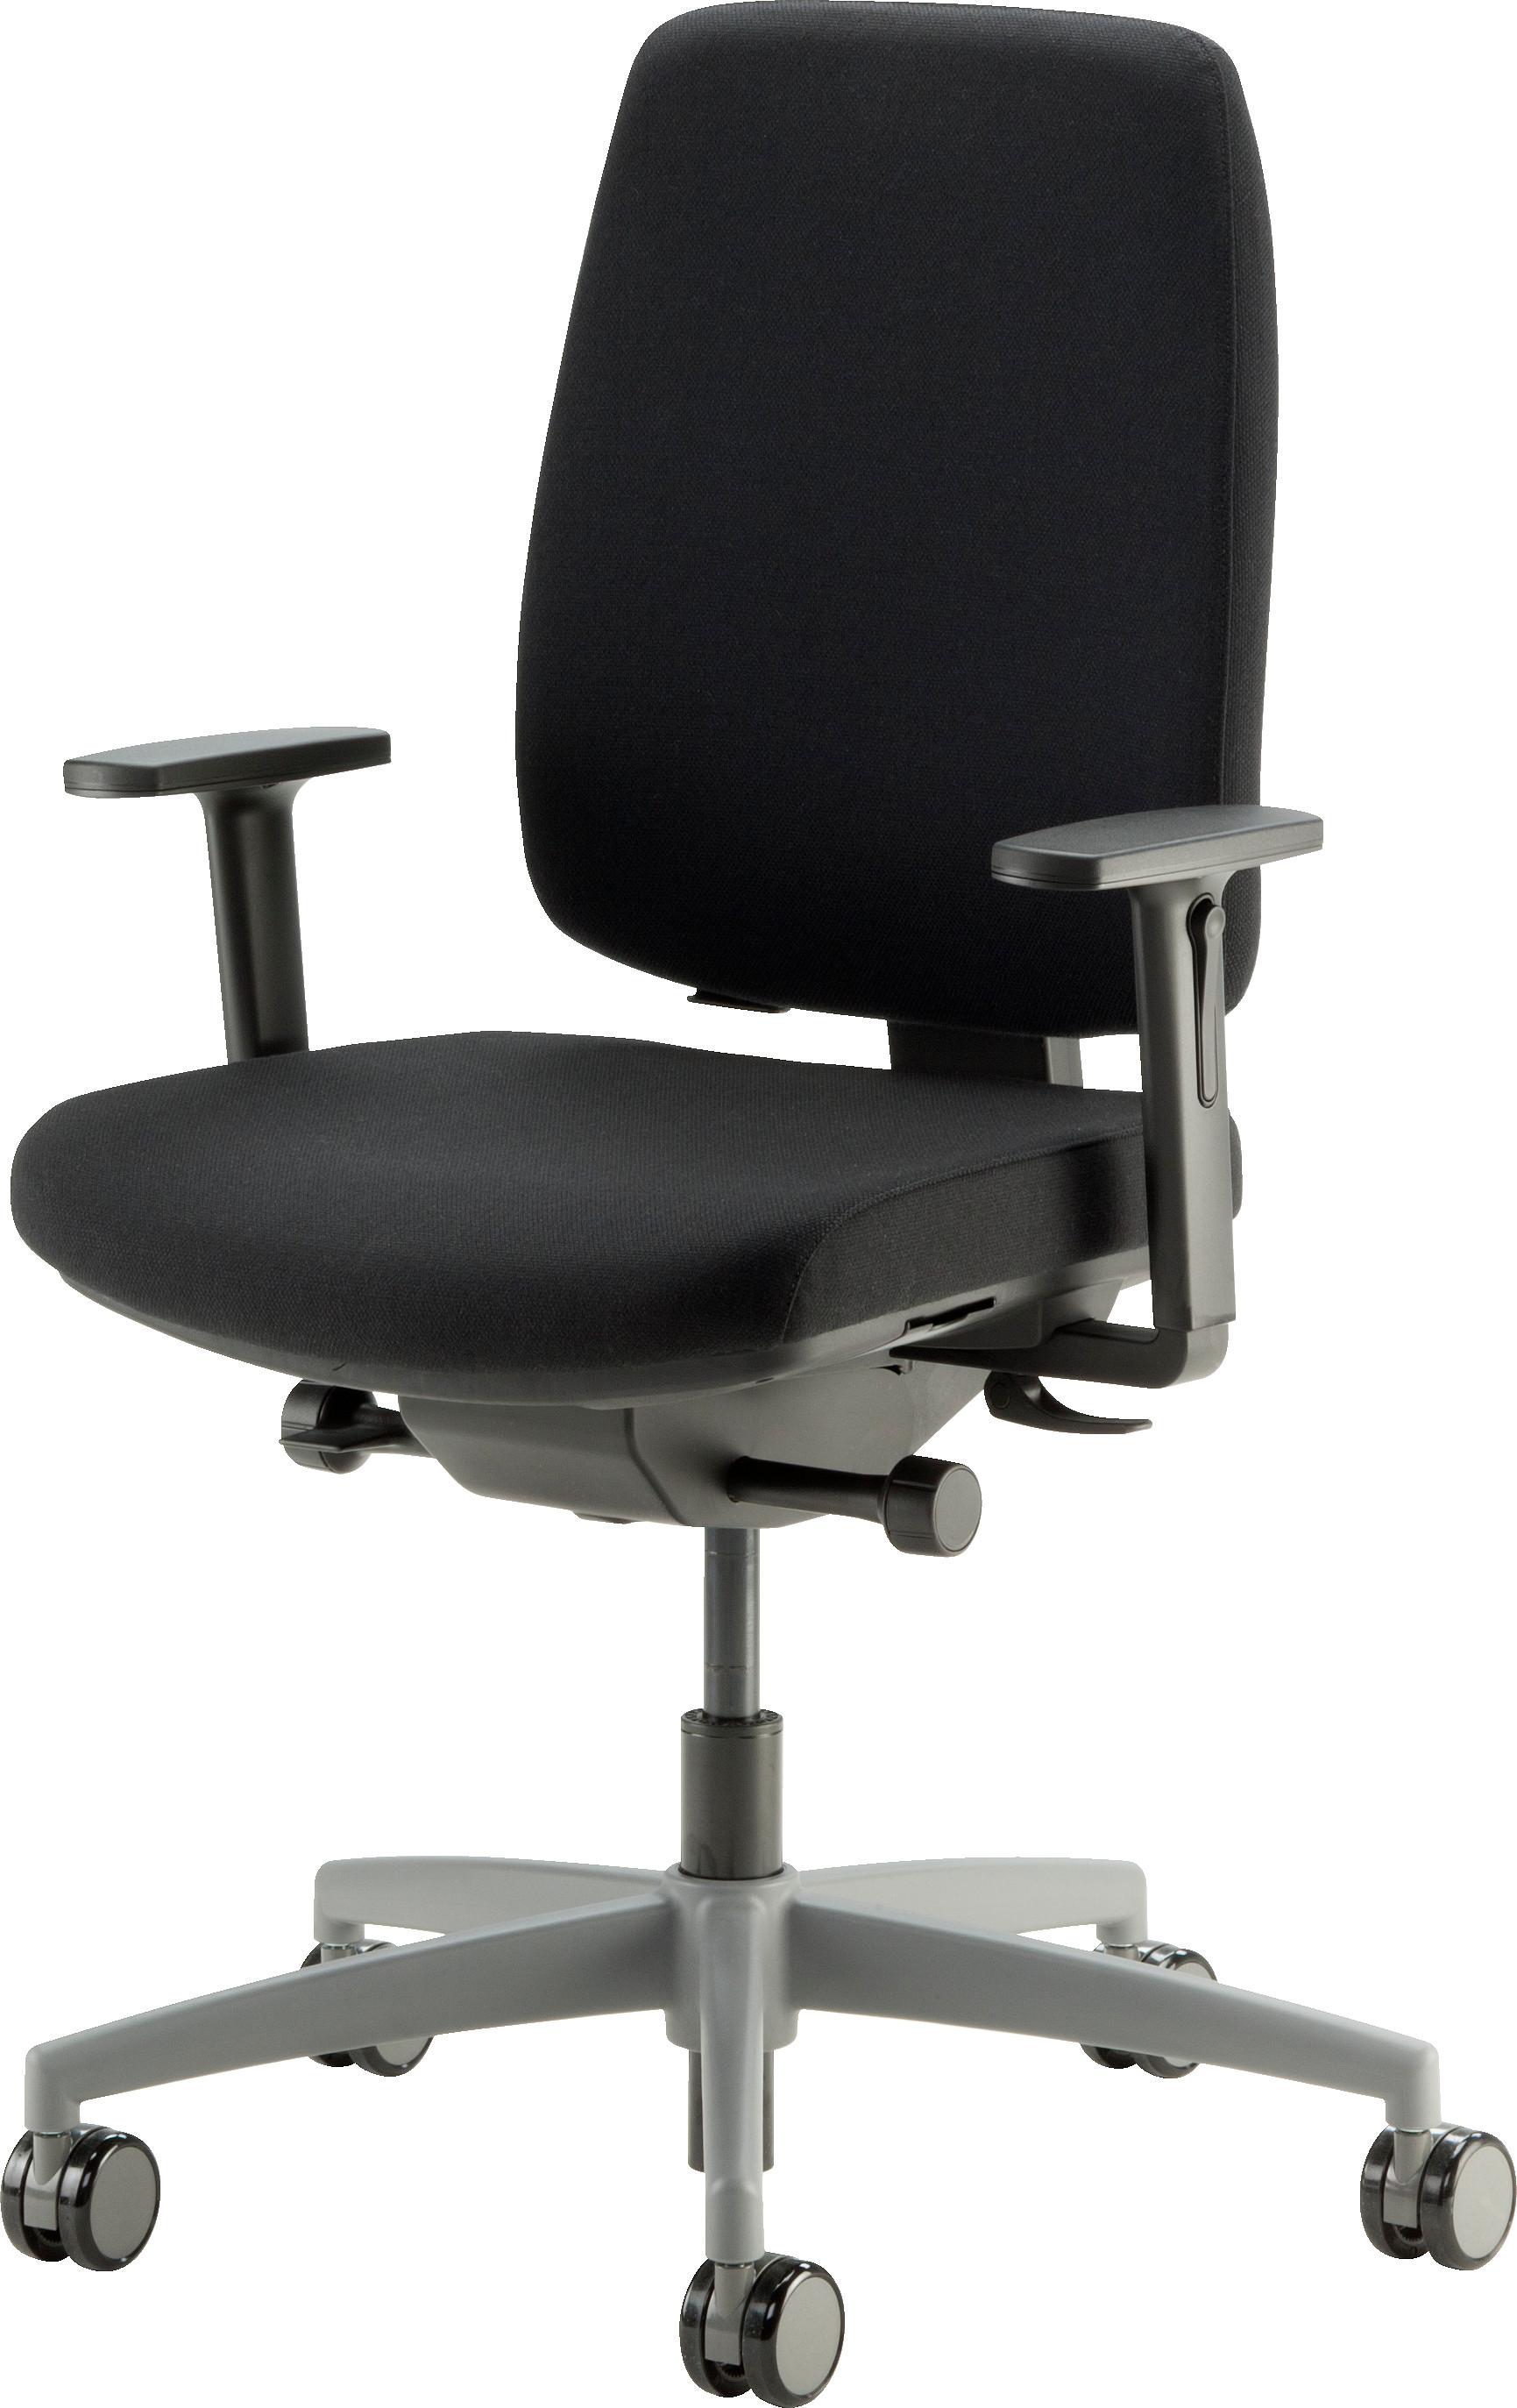 Still Light work chair